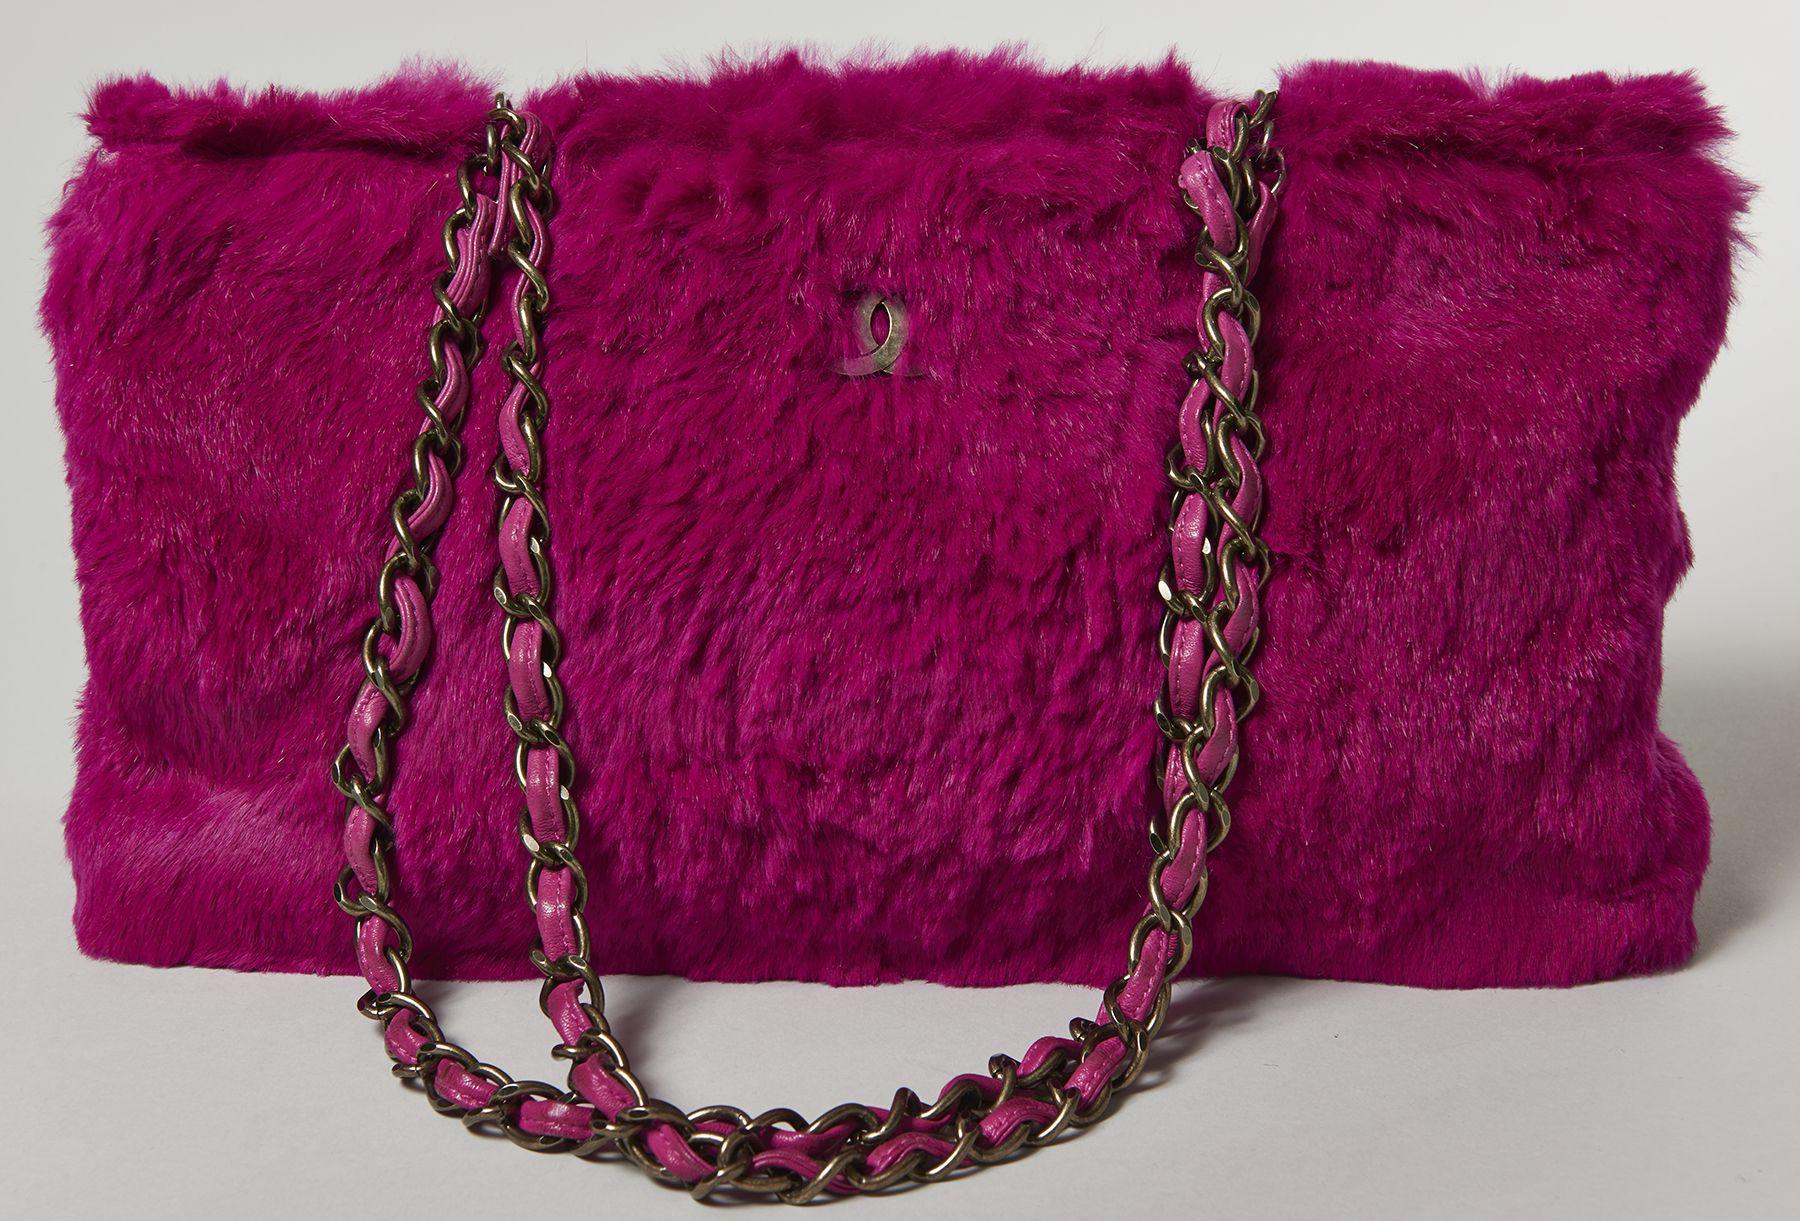 Chanel Amusant sac en castorette rose fuchsia Artcurial